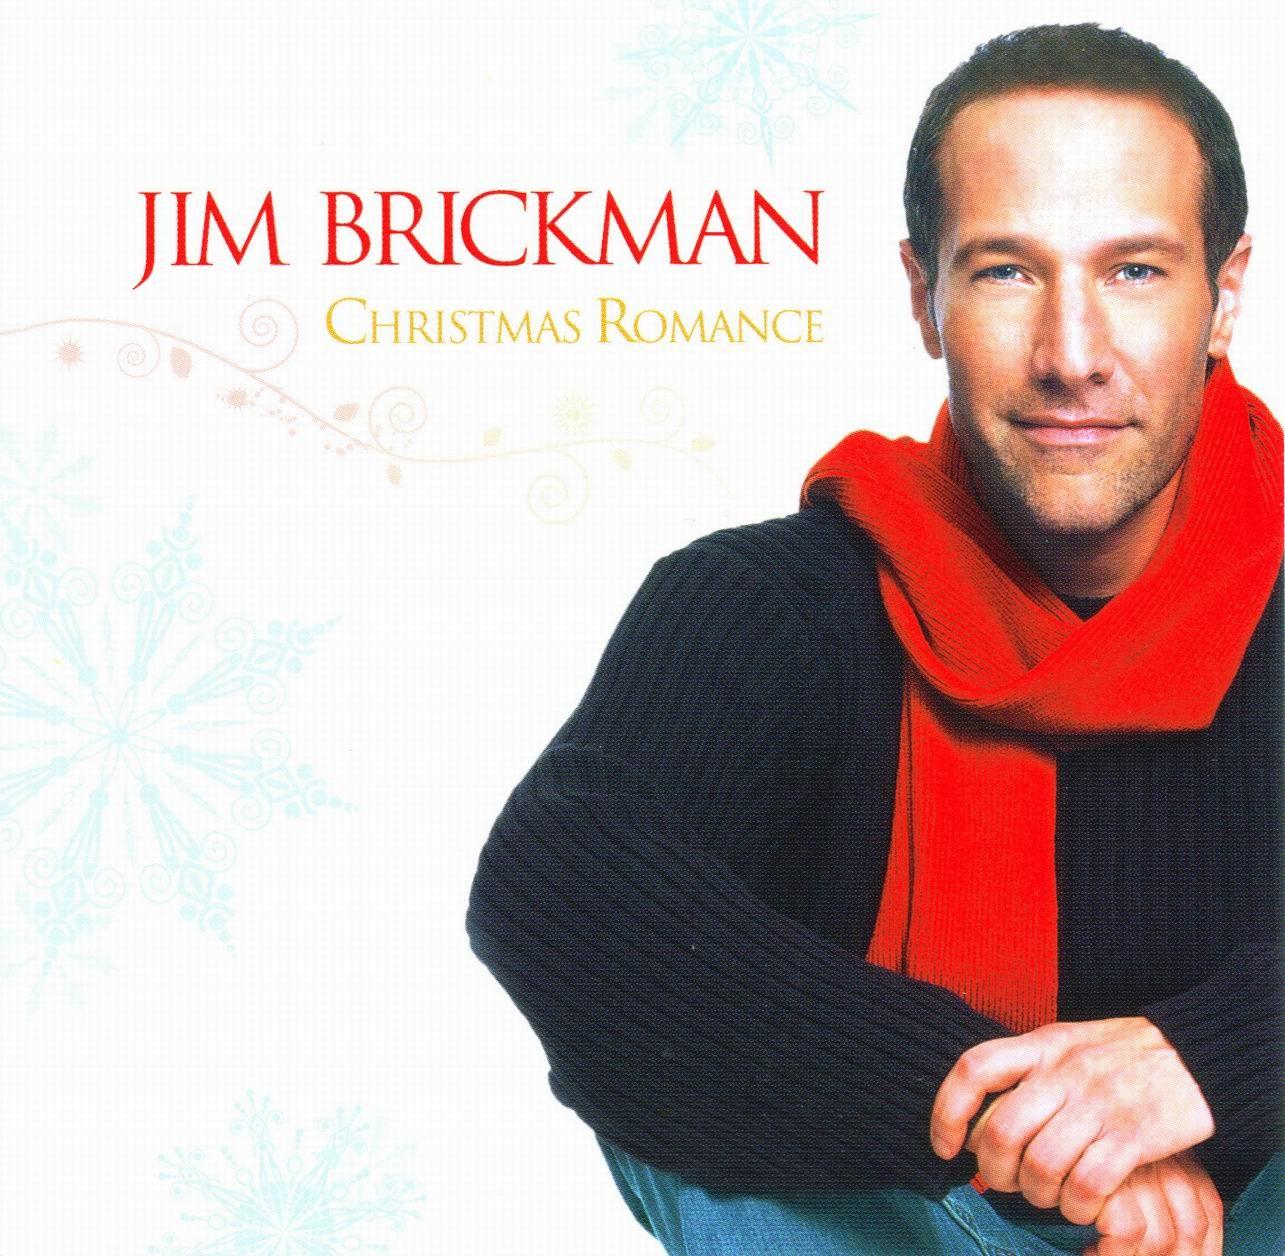 Jim Brickman - Christmas Romance